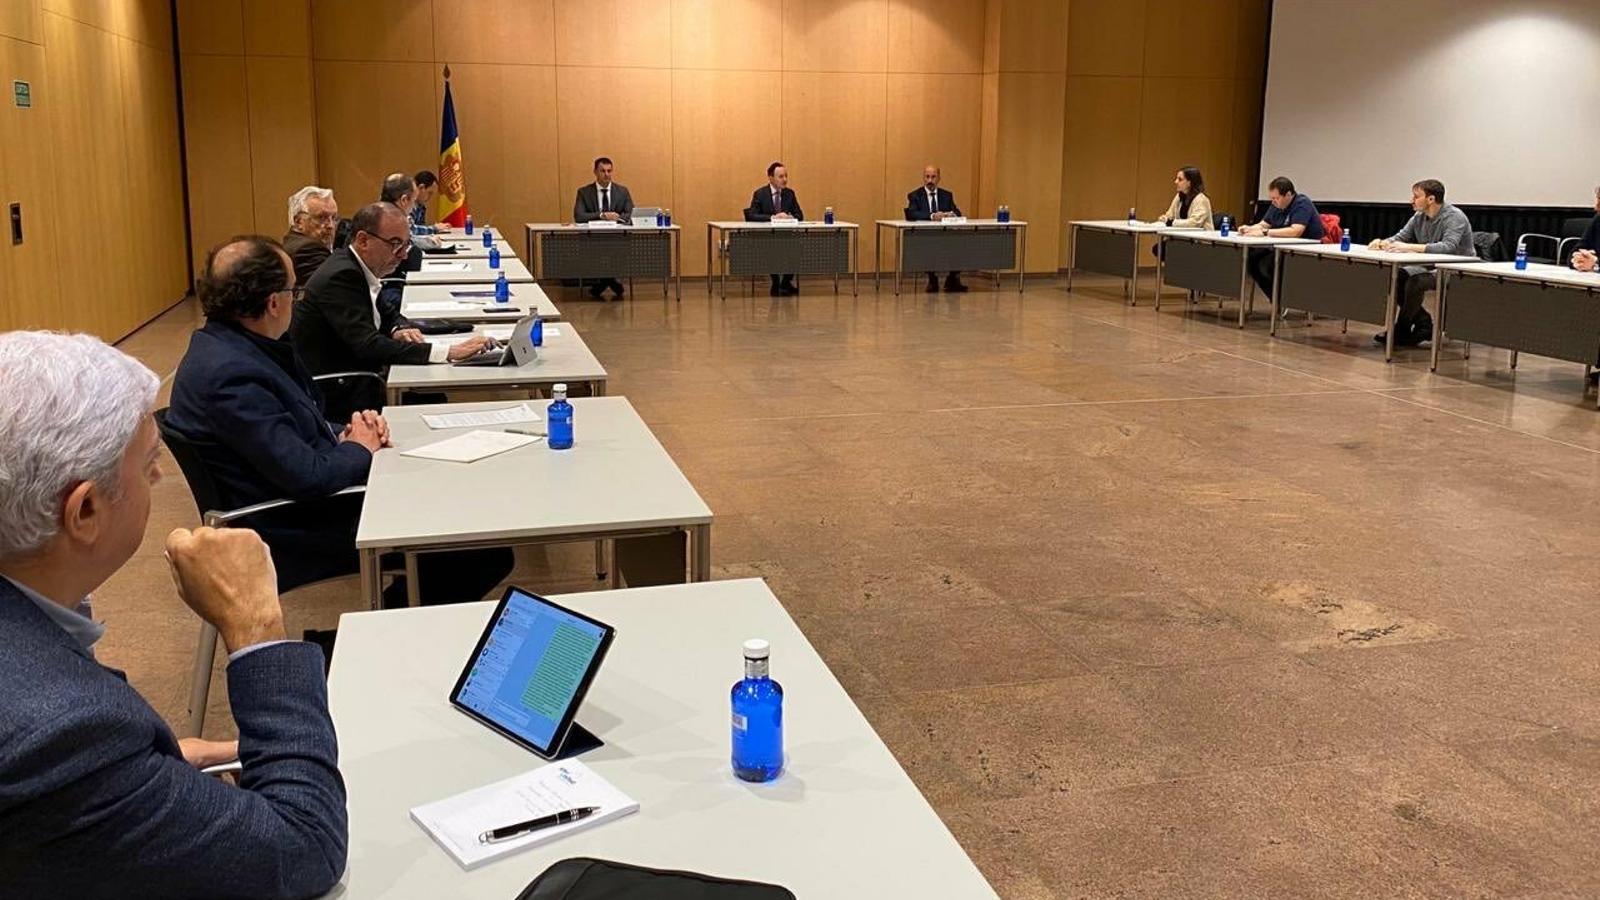 La reunió entre membres del Governi els representants sindicals i empresarials. / TWITTER JORDI GALLARDO